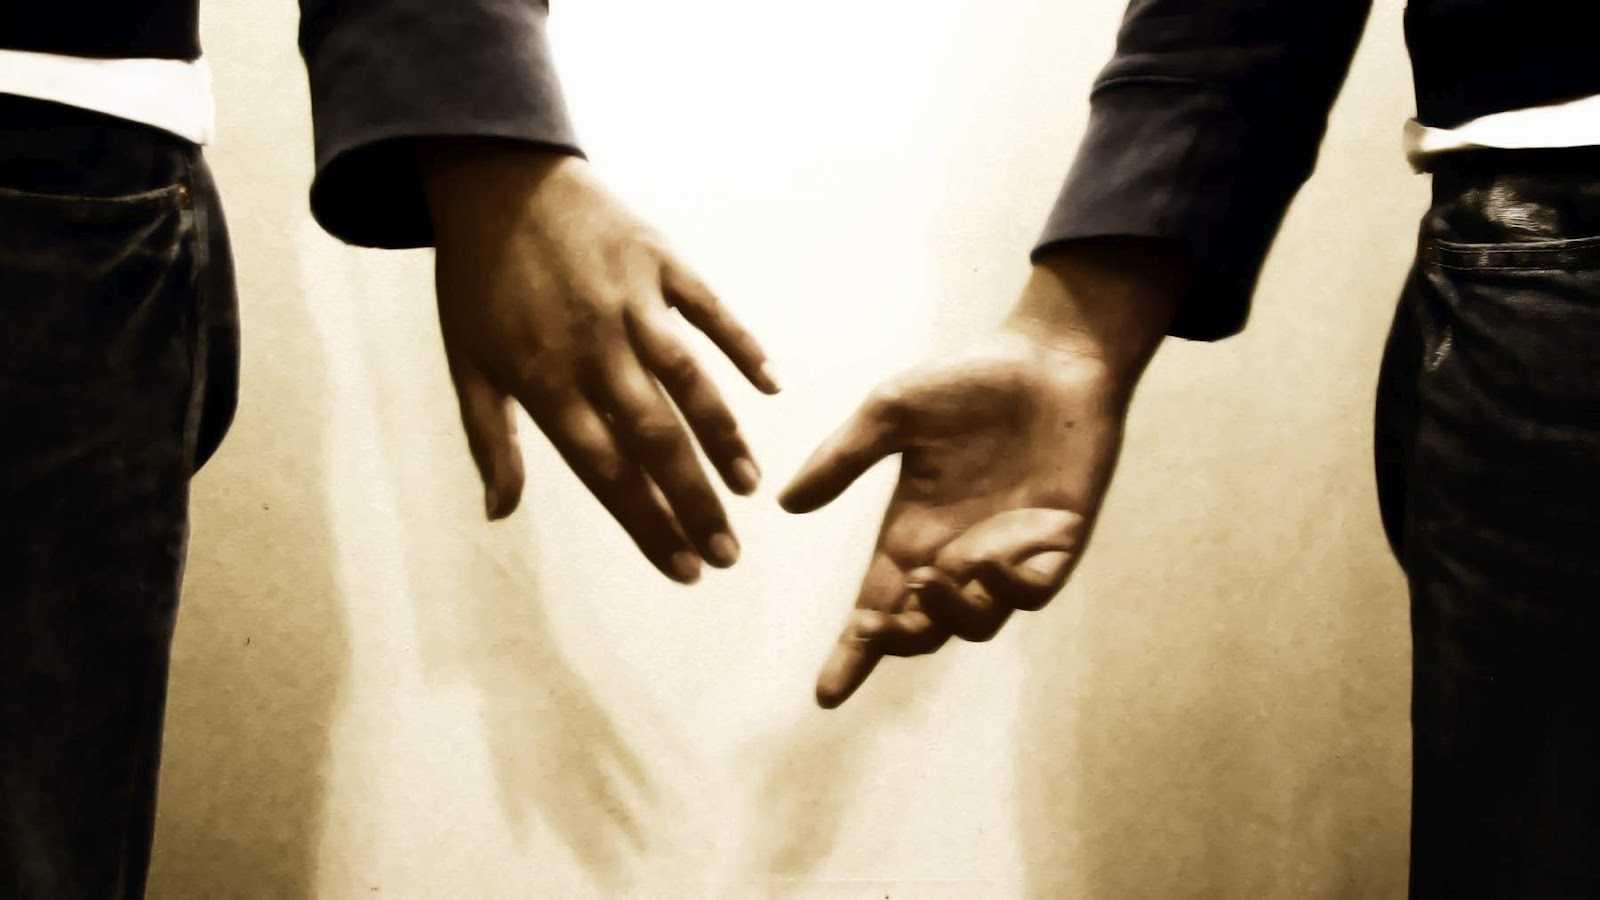 Два зрелых человека в любви — это величайший парадокс жизни